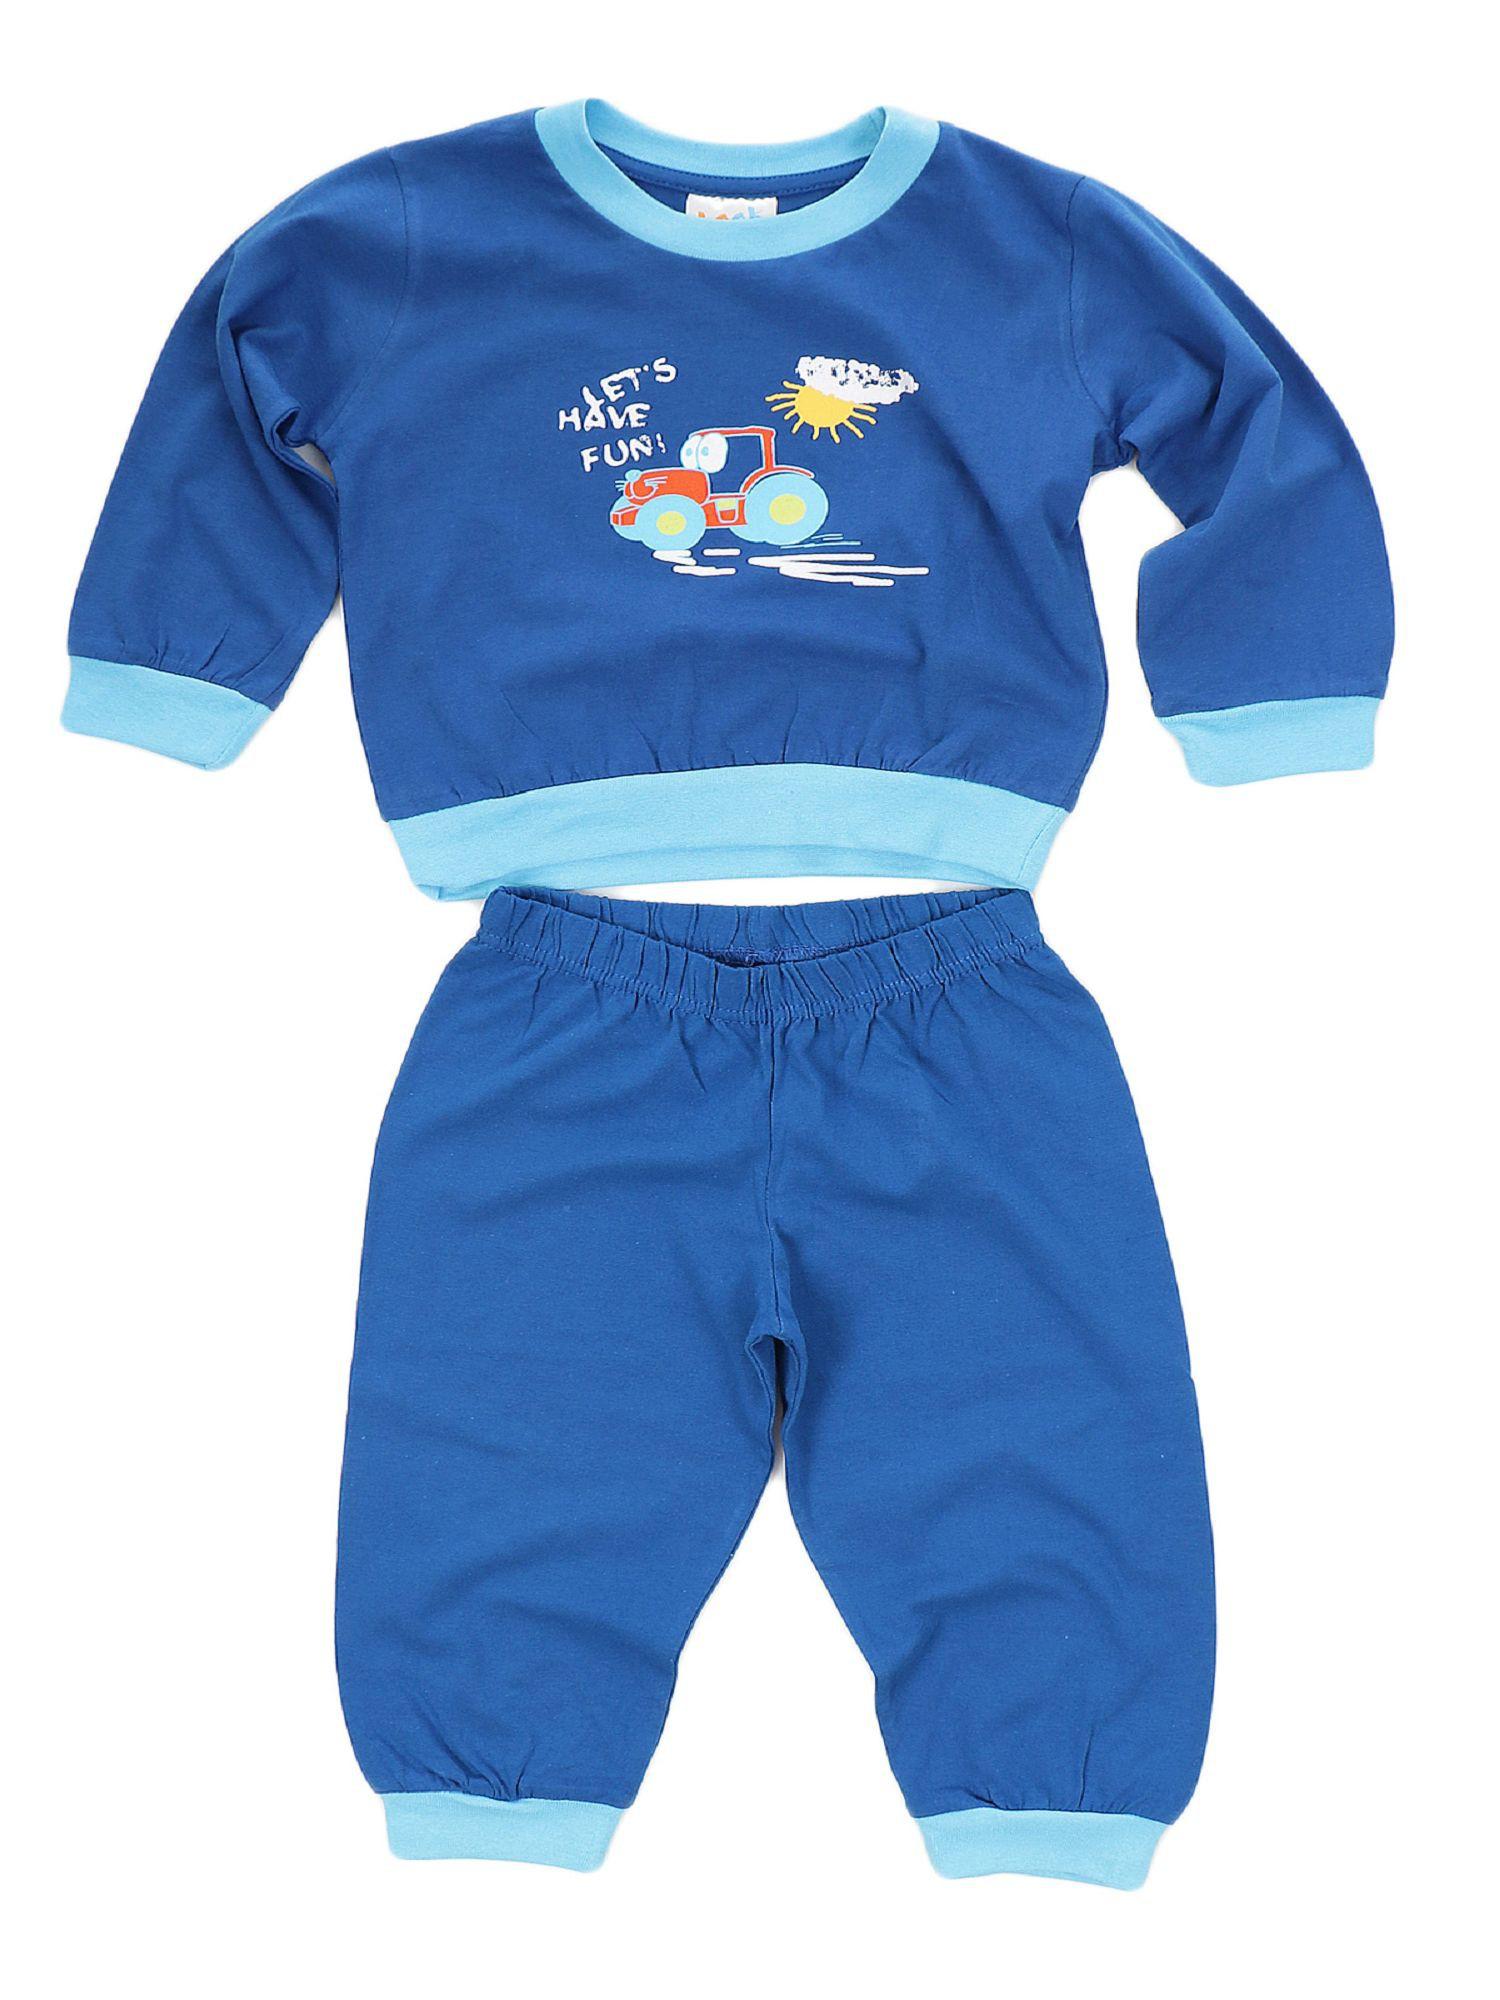 Jungen Kleinkinder Schlafanzug Pyjama mit Bündchen und Trecker als Motiv 53513 – Bild 2